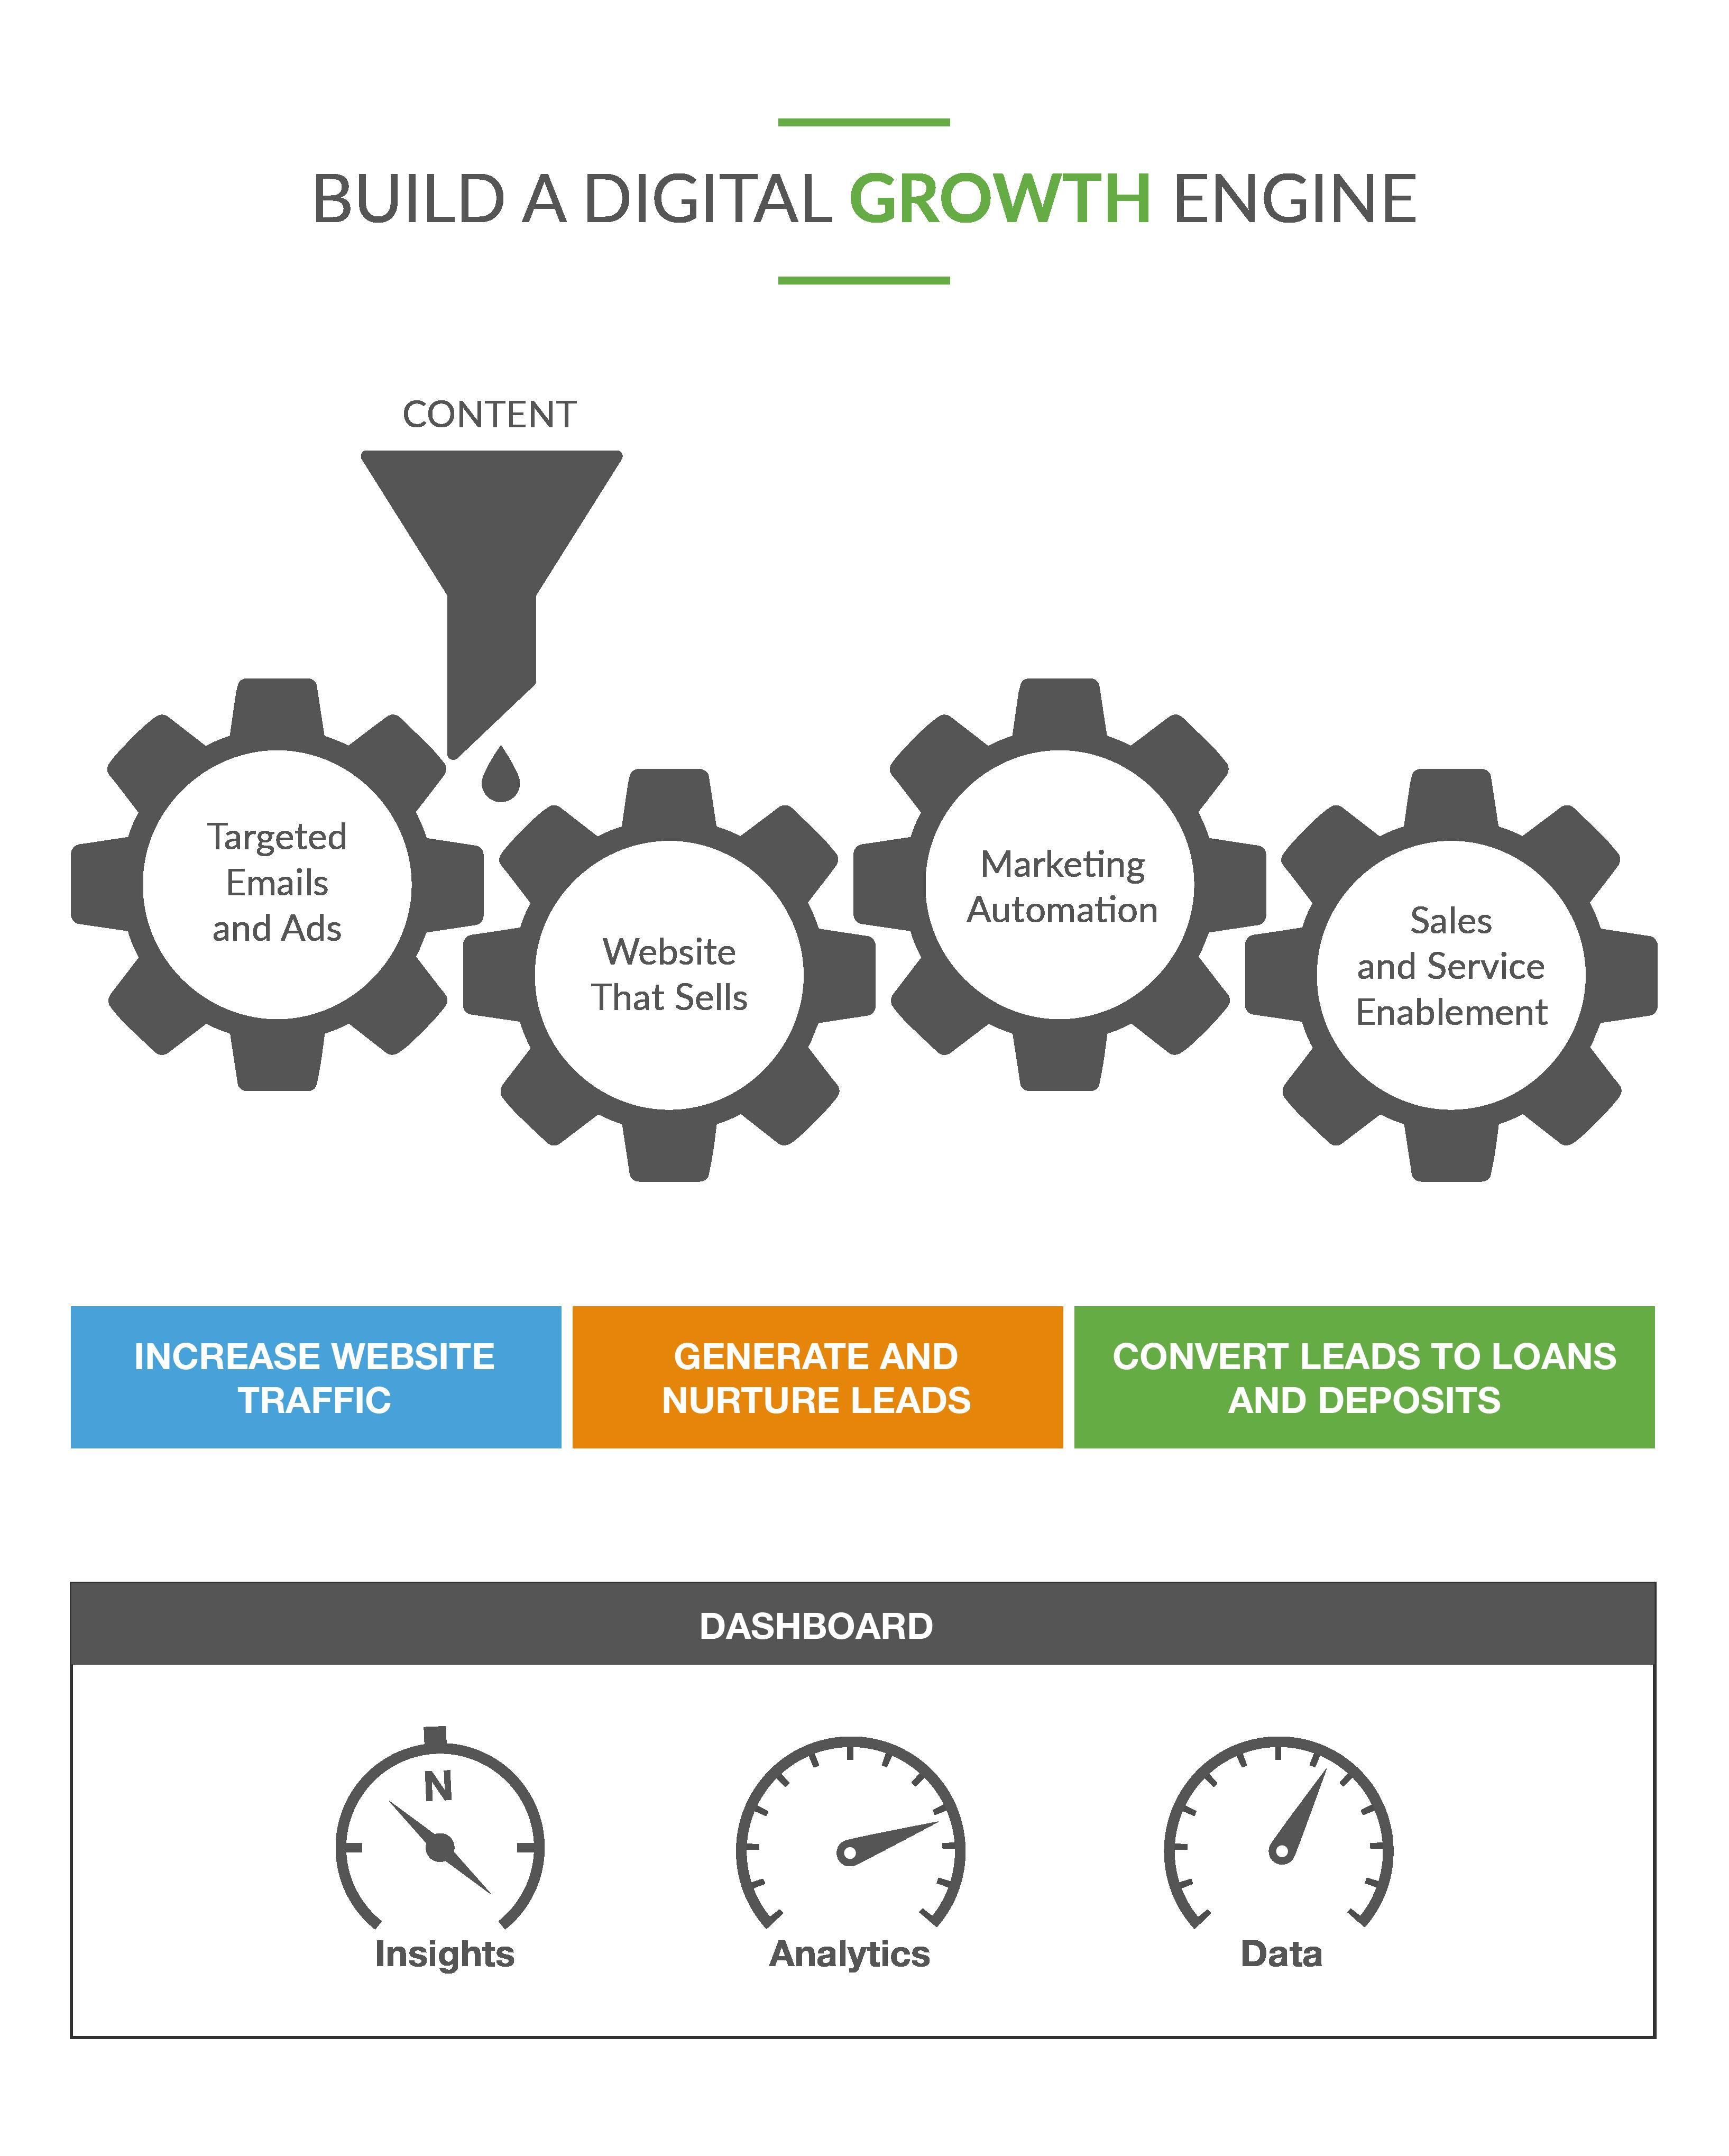 Build a Digital Growth Engine